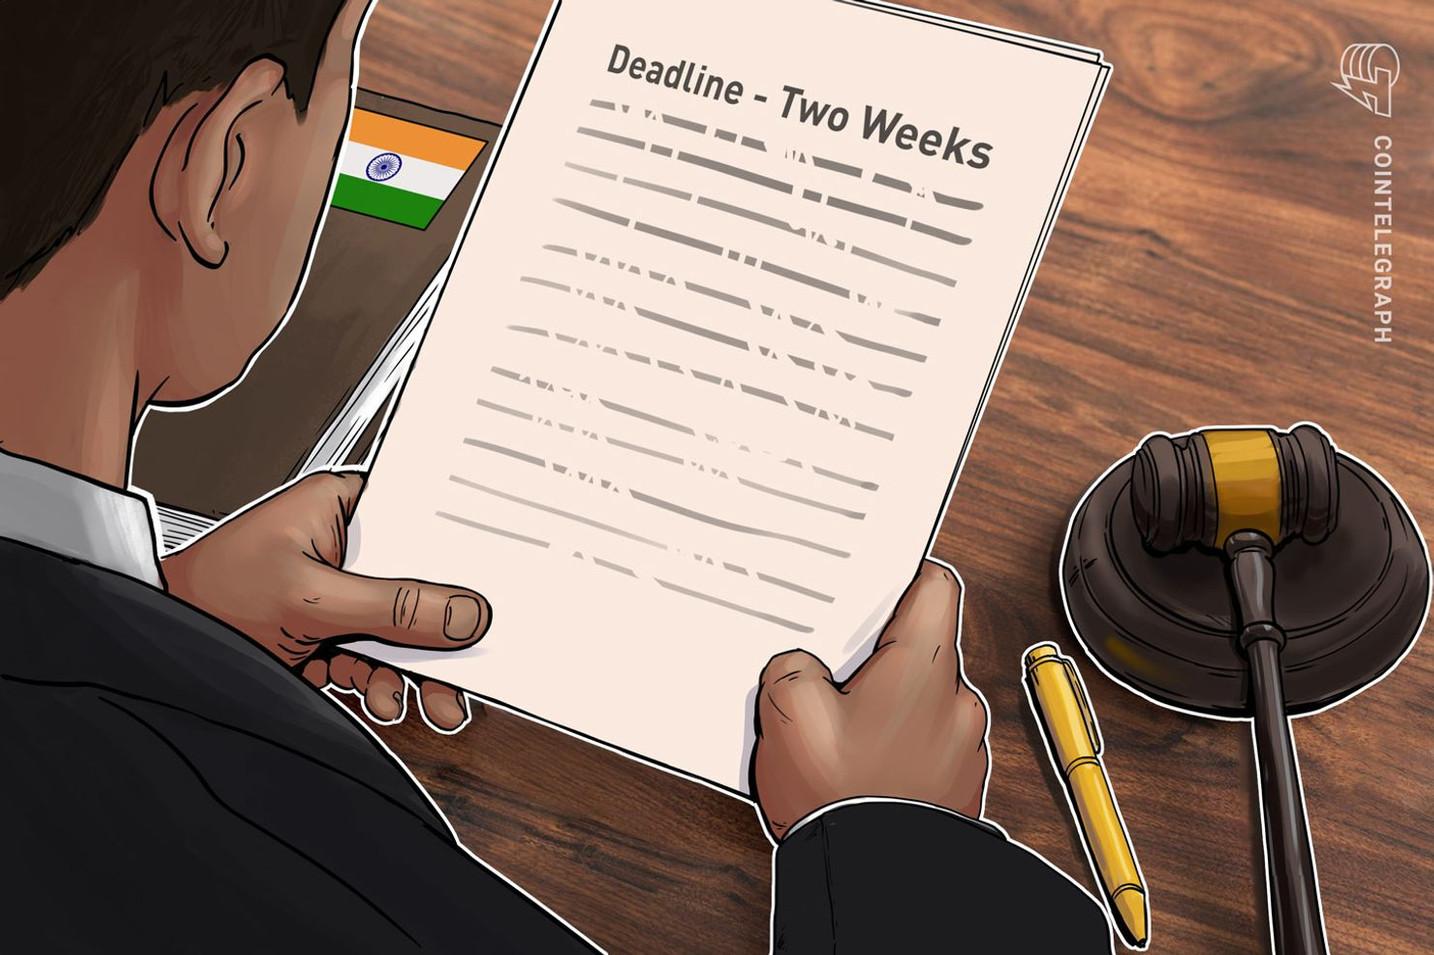 「仮想通貨に対する公式見解を示せ」インド最高裁が政府に要請